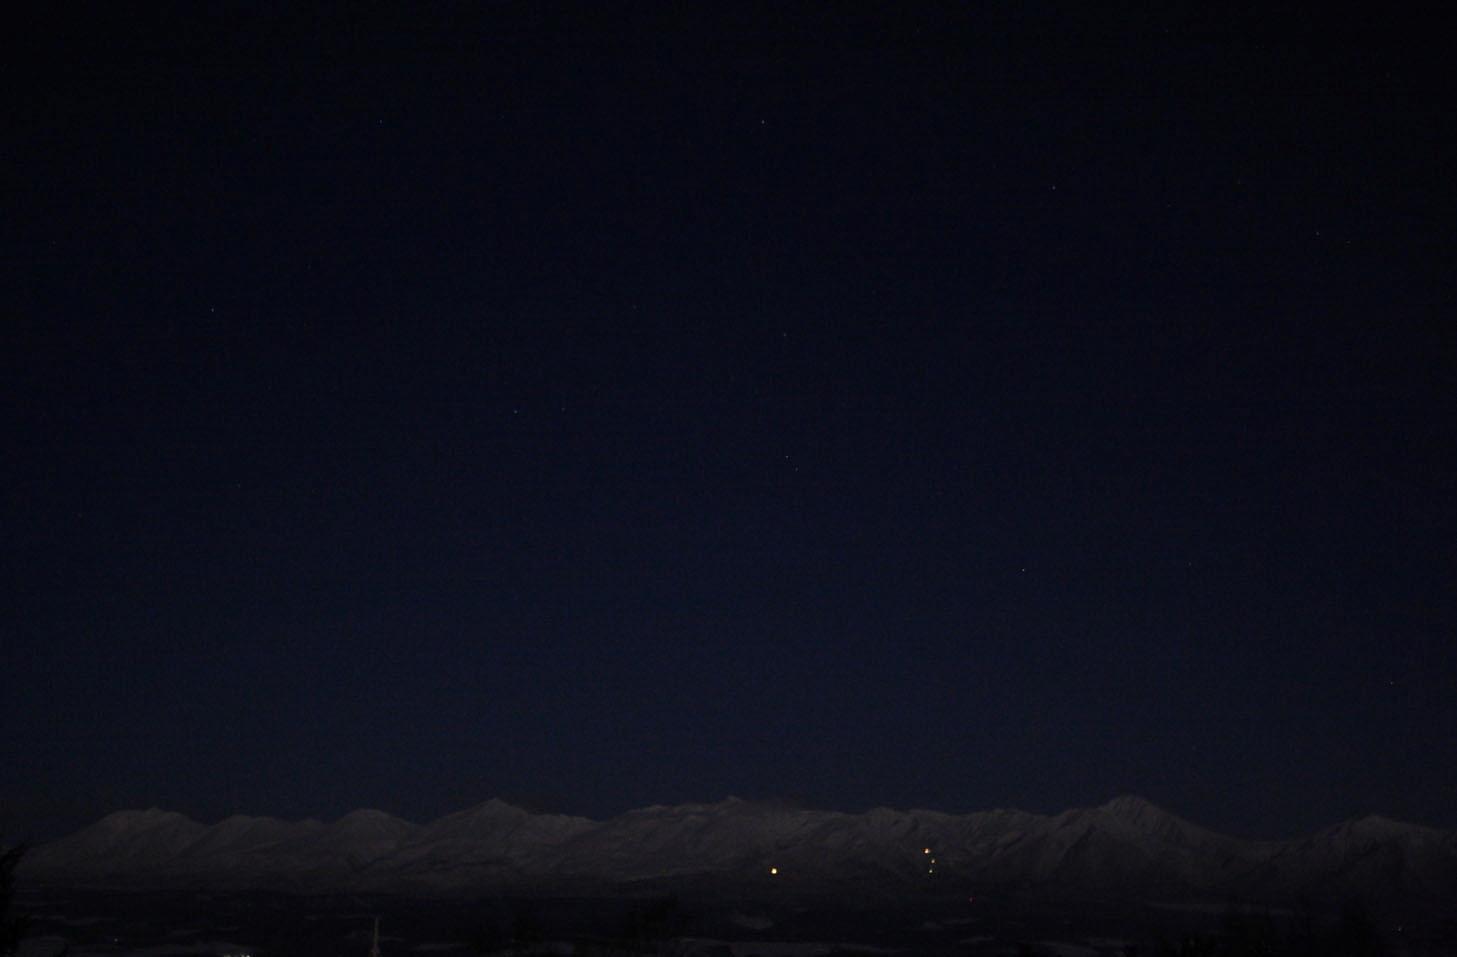 朝、起きると十勝岳連邦が月明かりに照らされて夜明け前の空に映し出されてました。